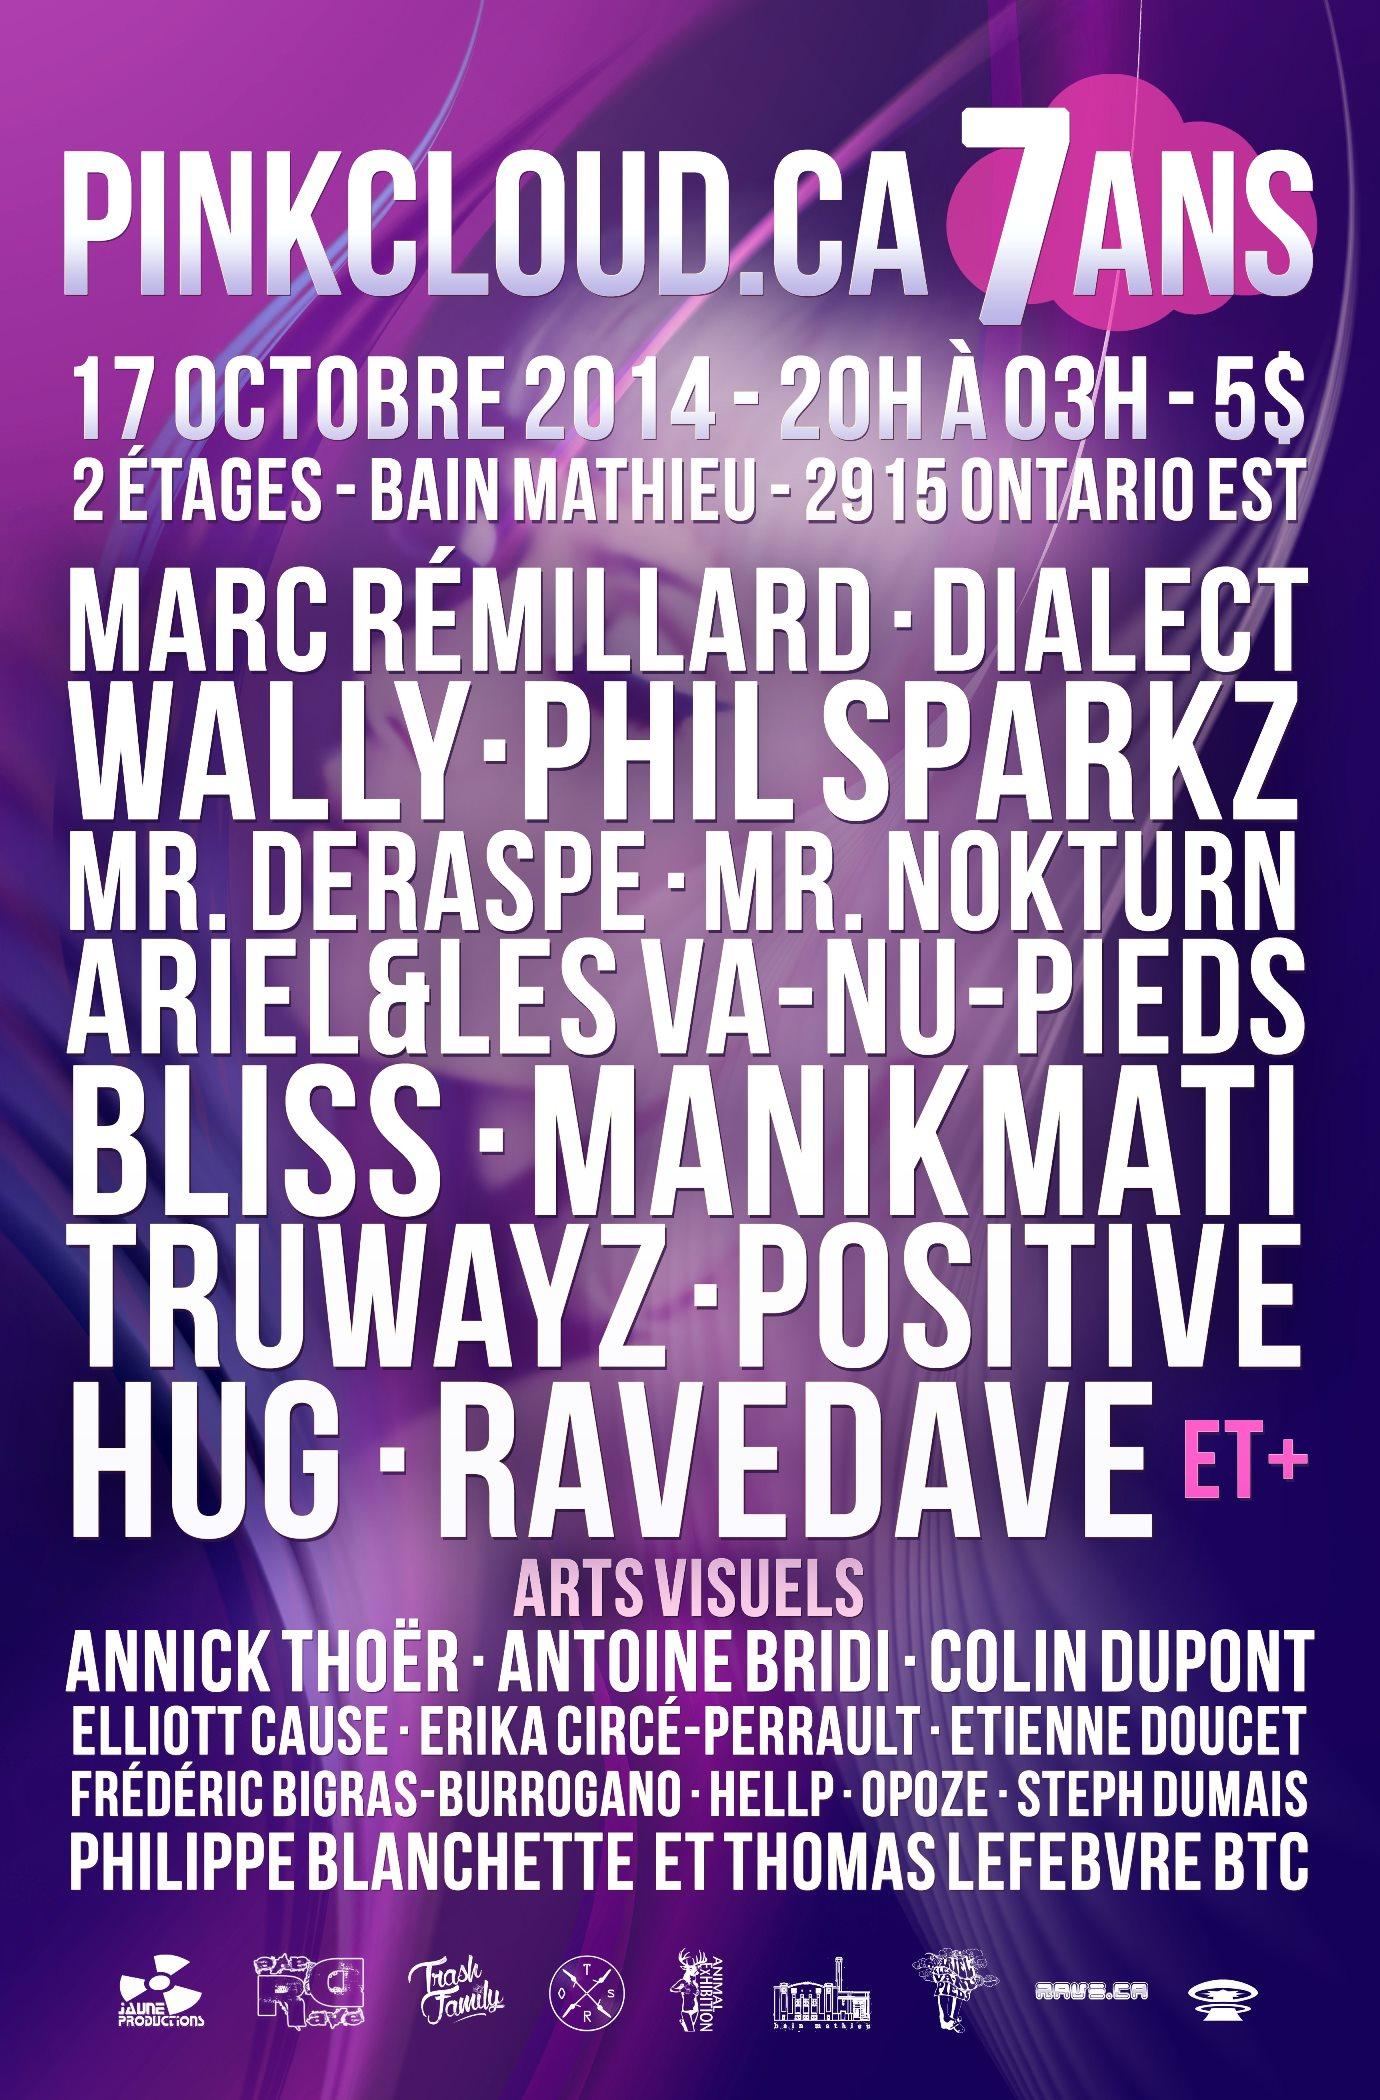 7 ans - pinkcloud - poster